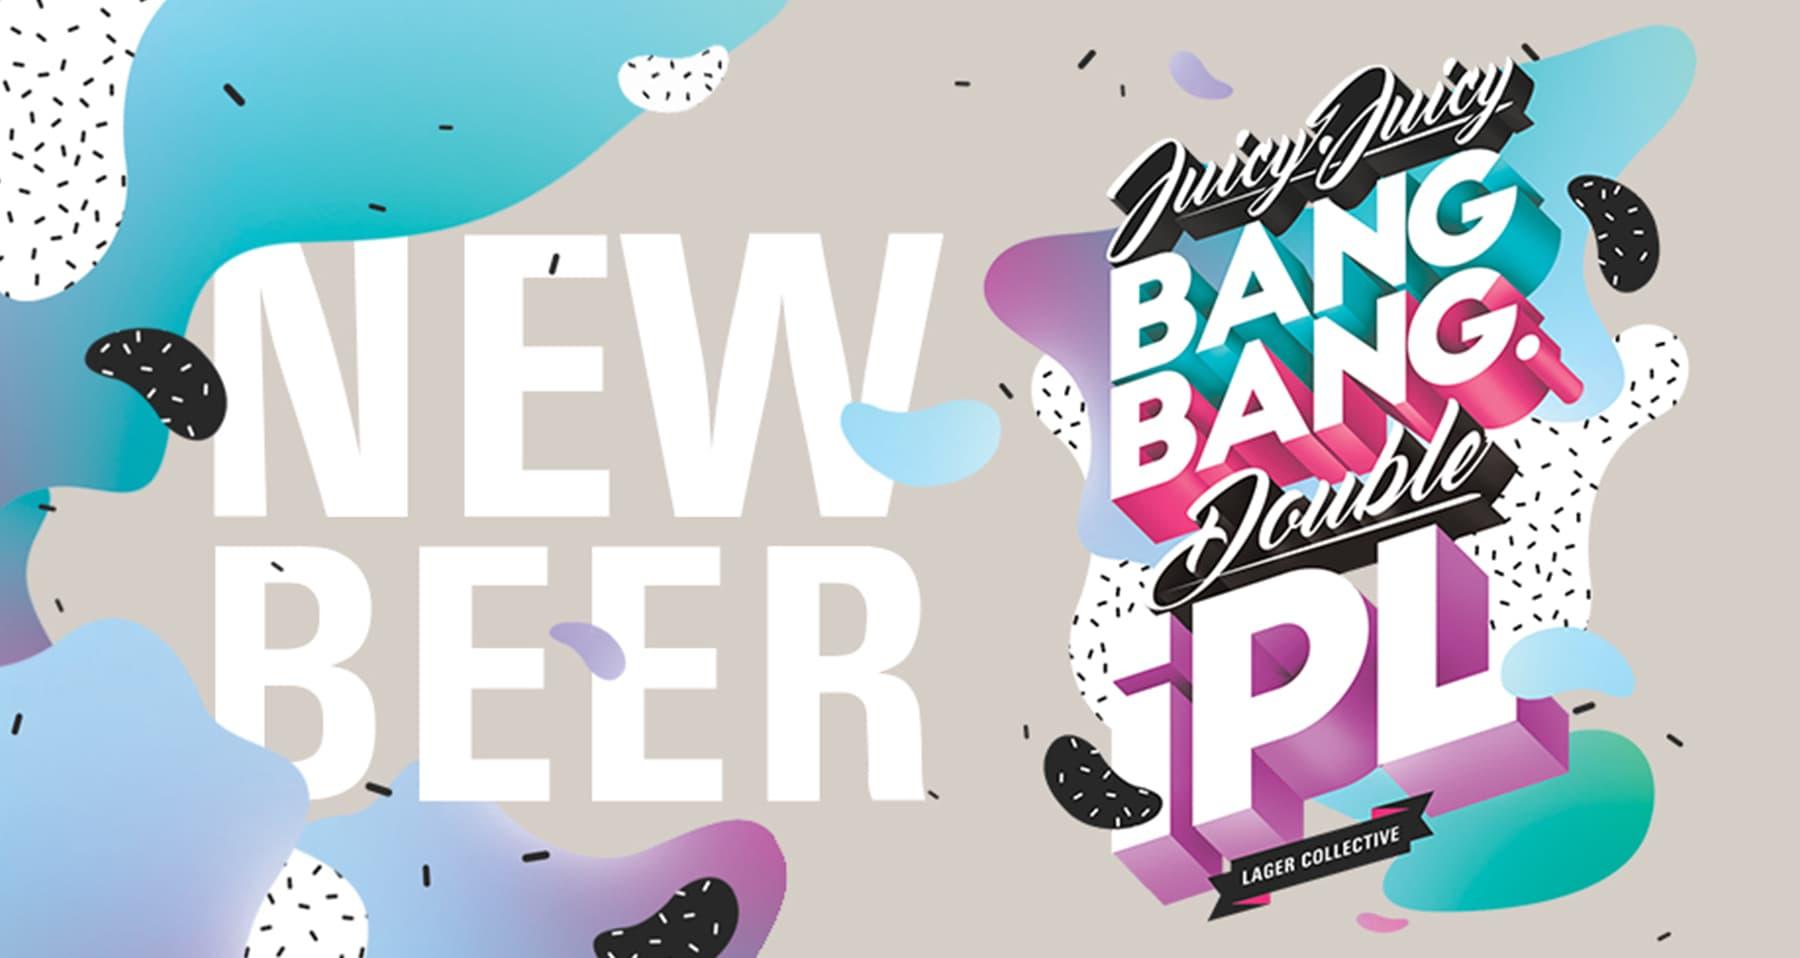 Juicy Juicy Bang Bang Double IPA